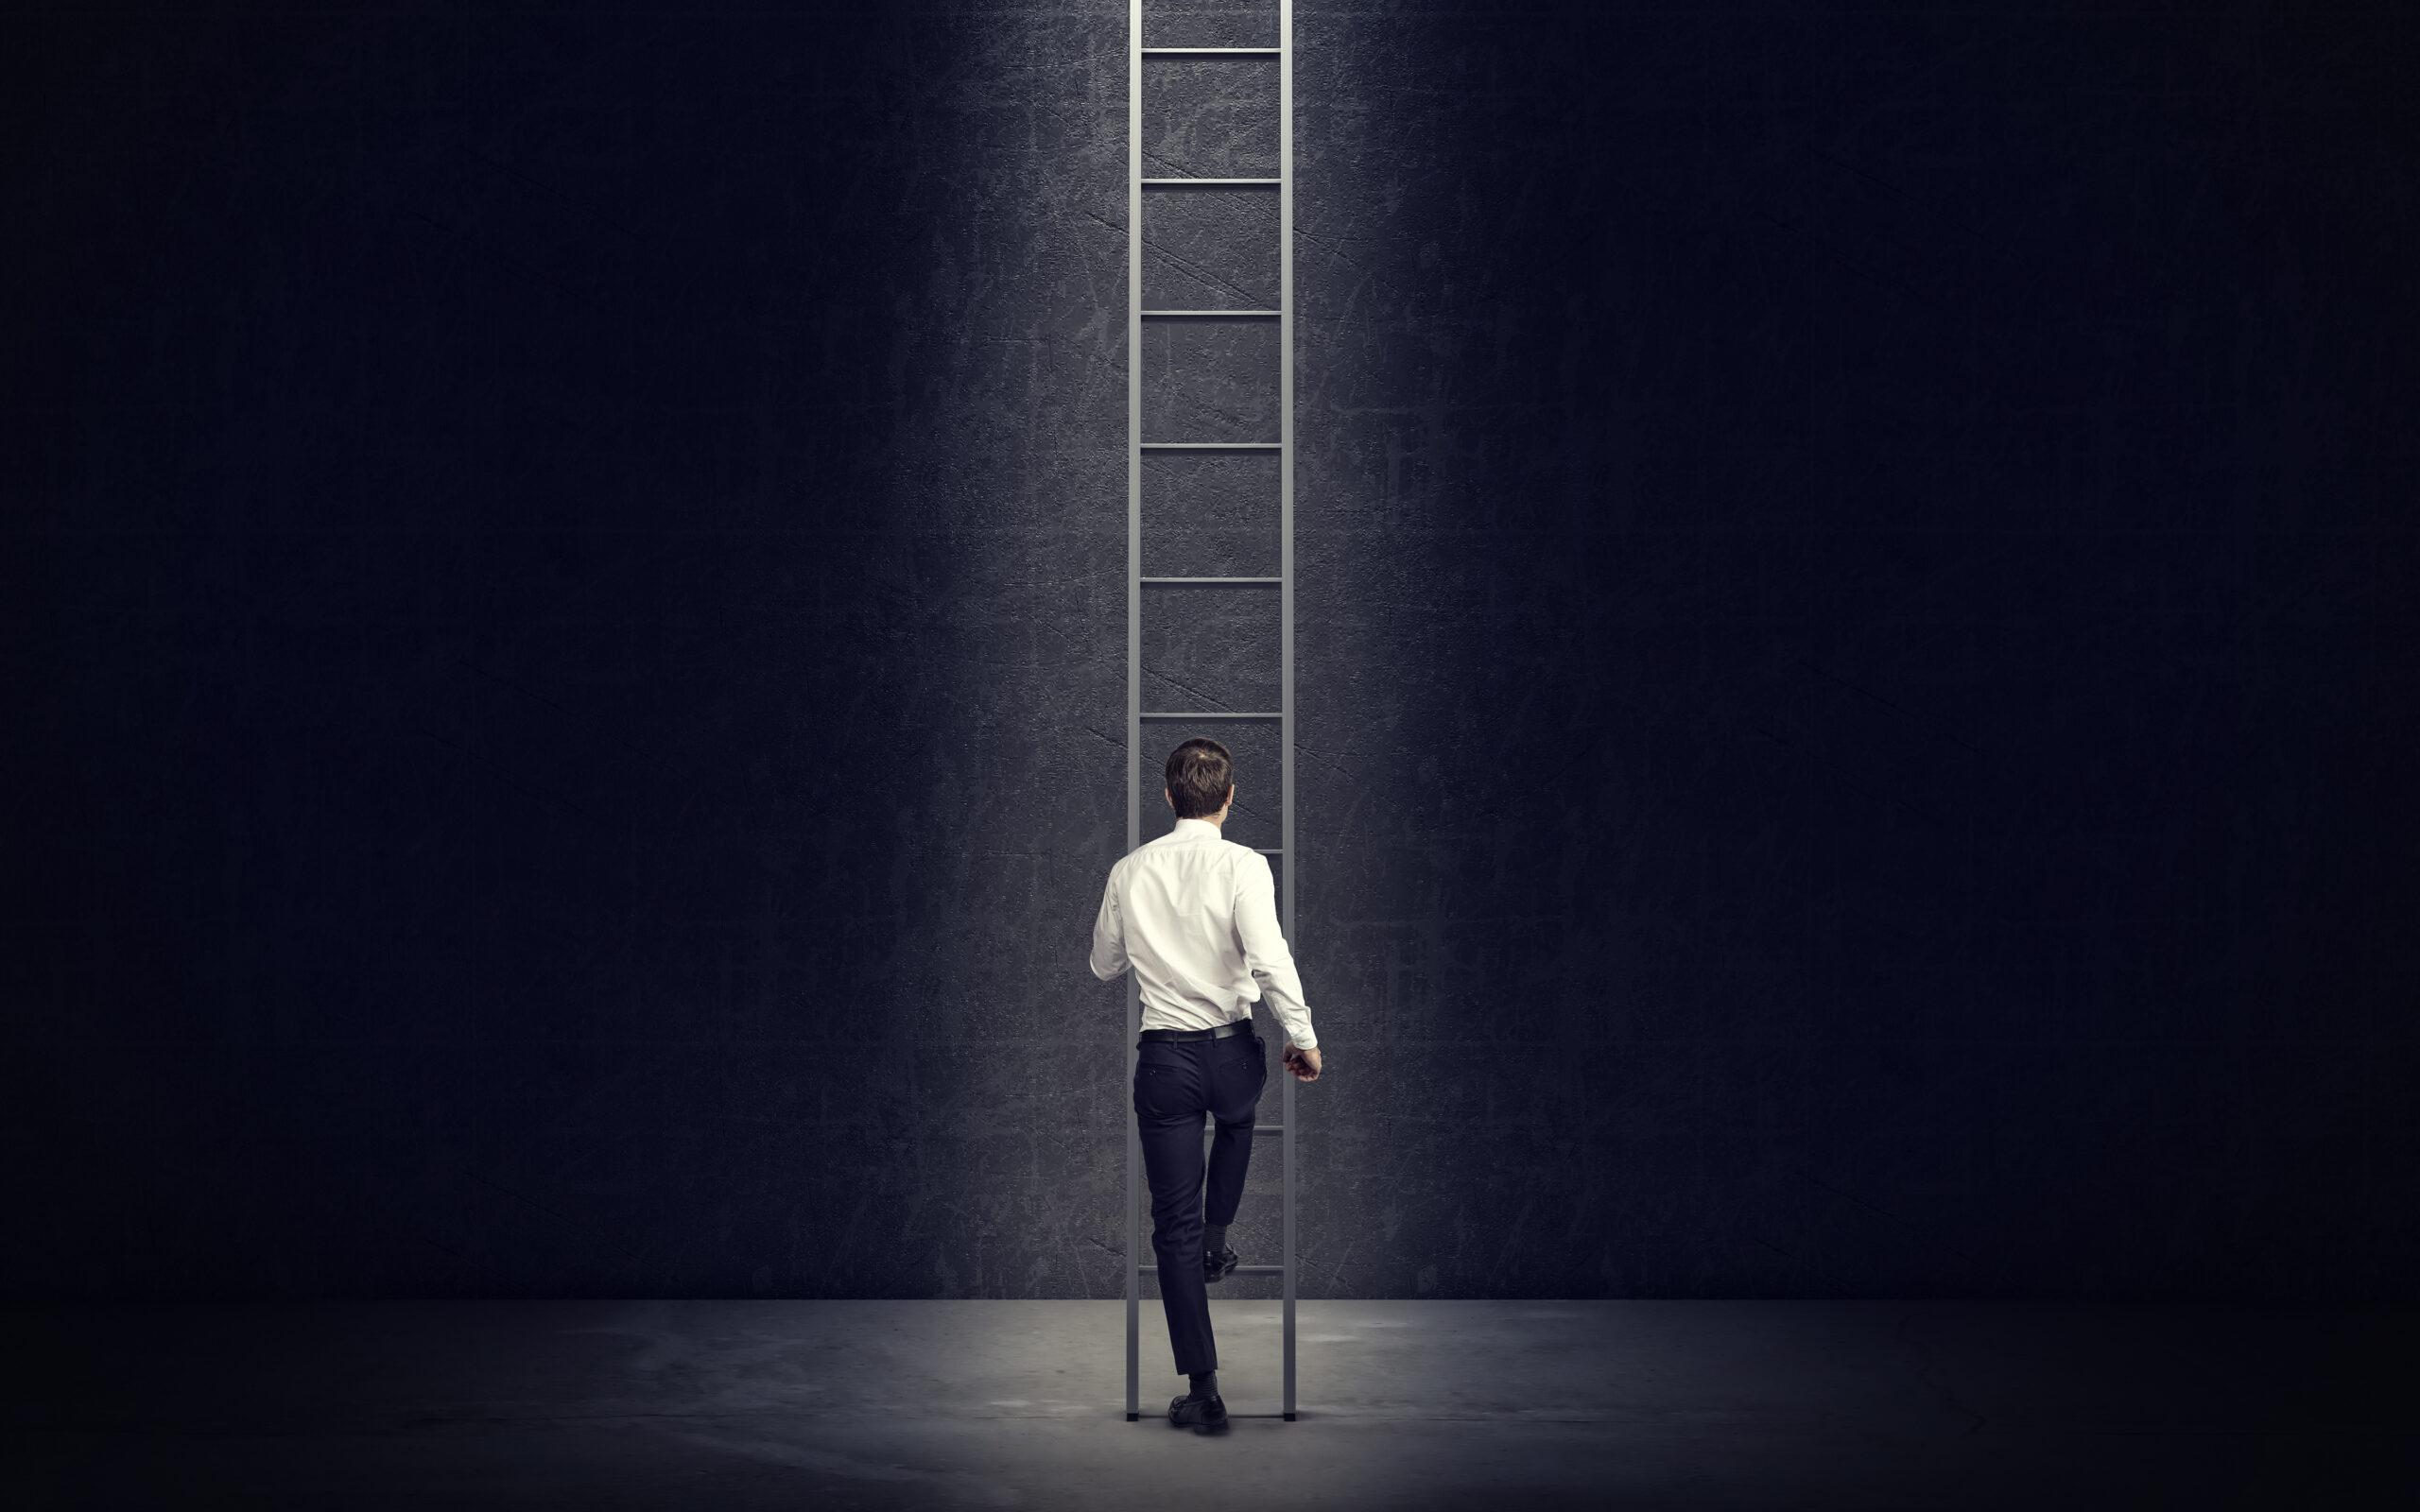 Empatyczne przywództwo – jak sobie poradzić w post-COVID-owej rzeczywistości?